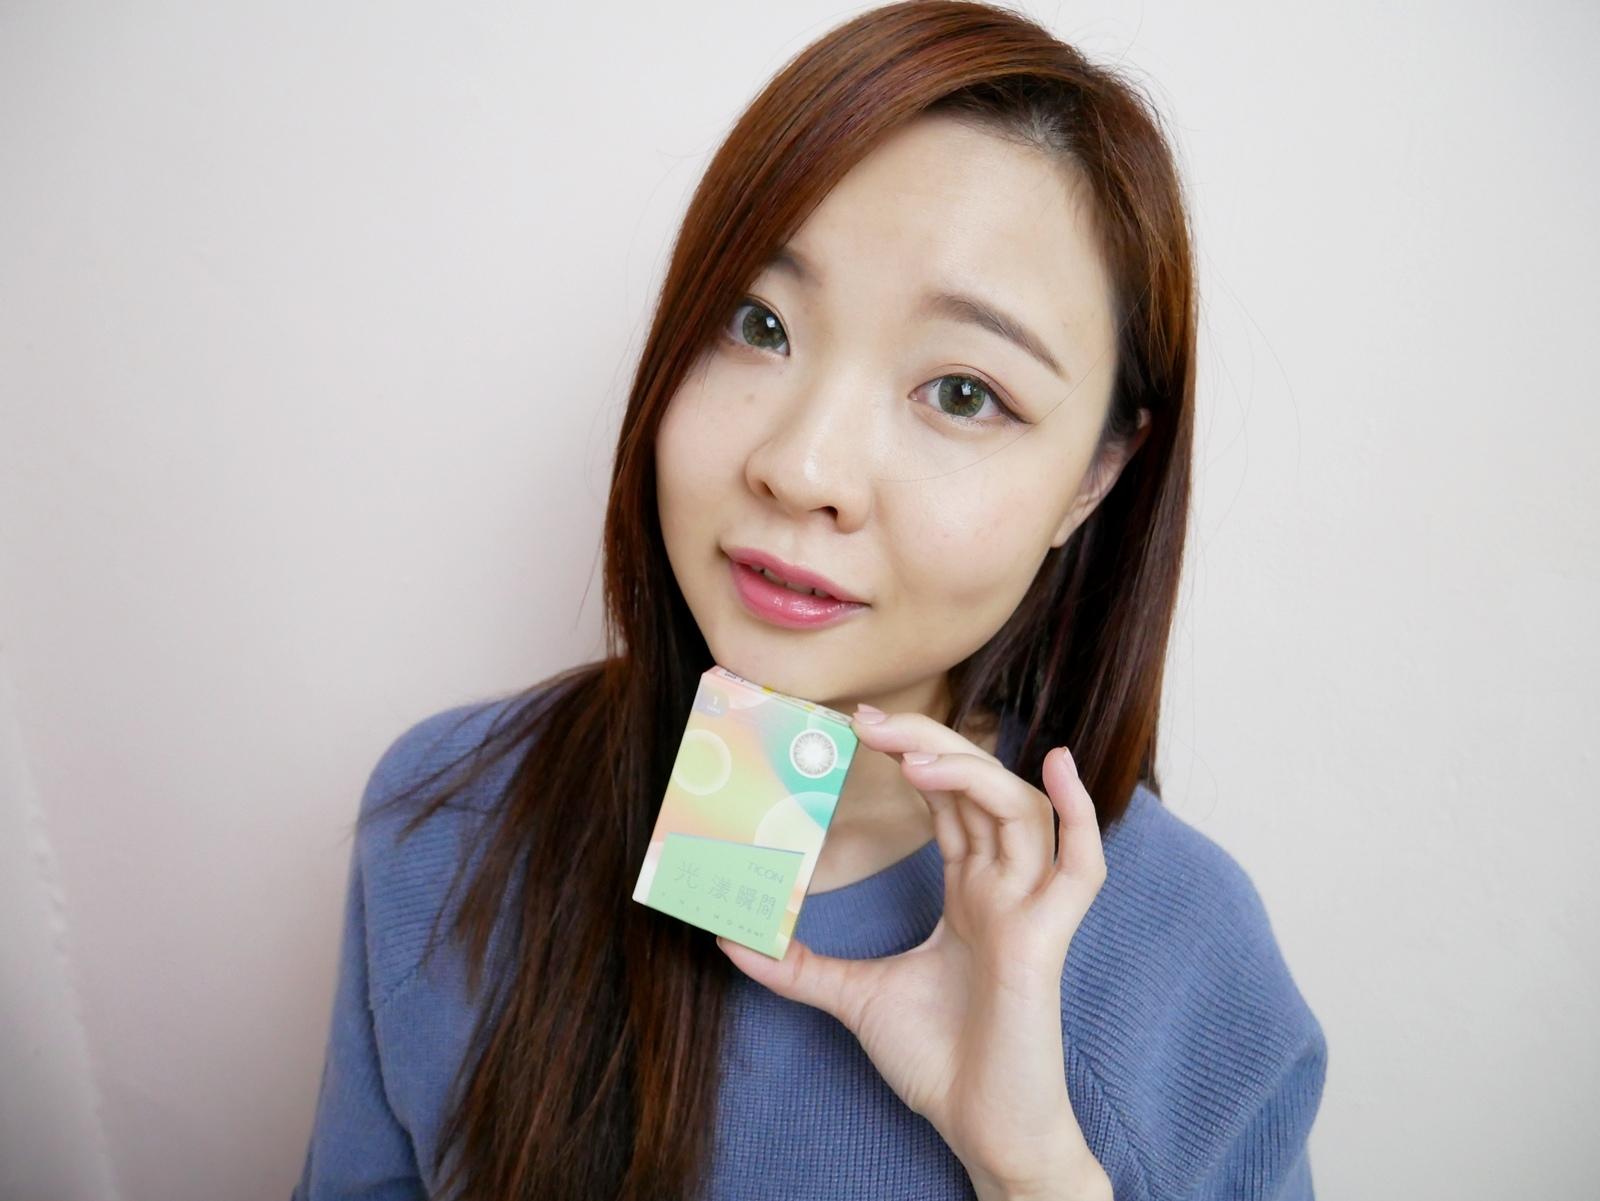 韓系美曈帝康新品 光漾瞬間月拋實戴分享